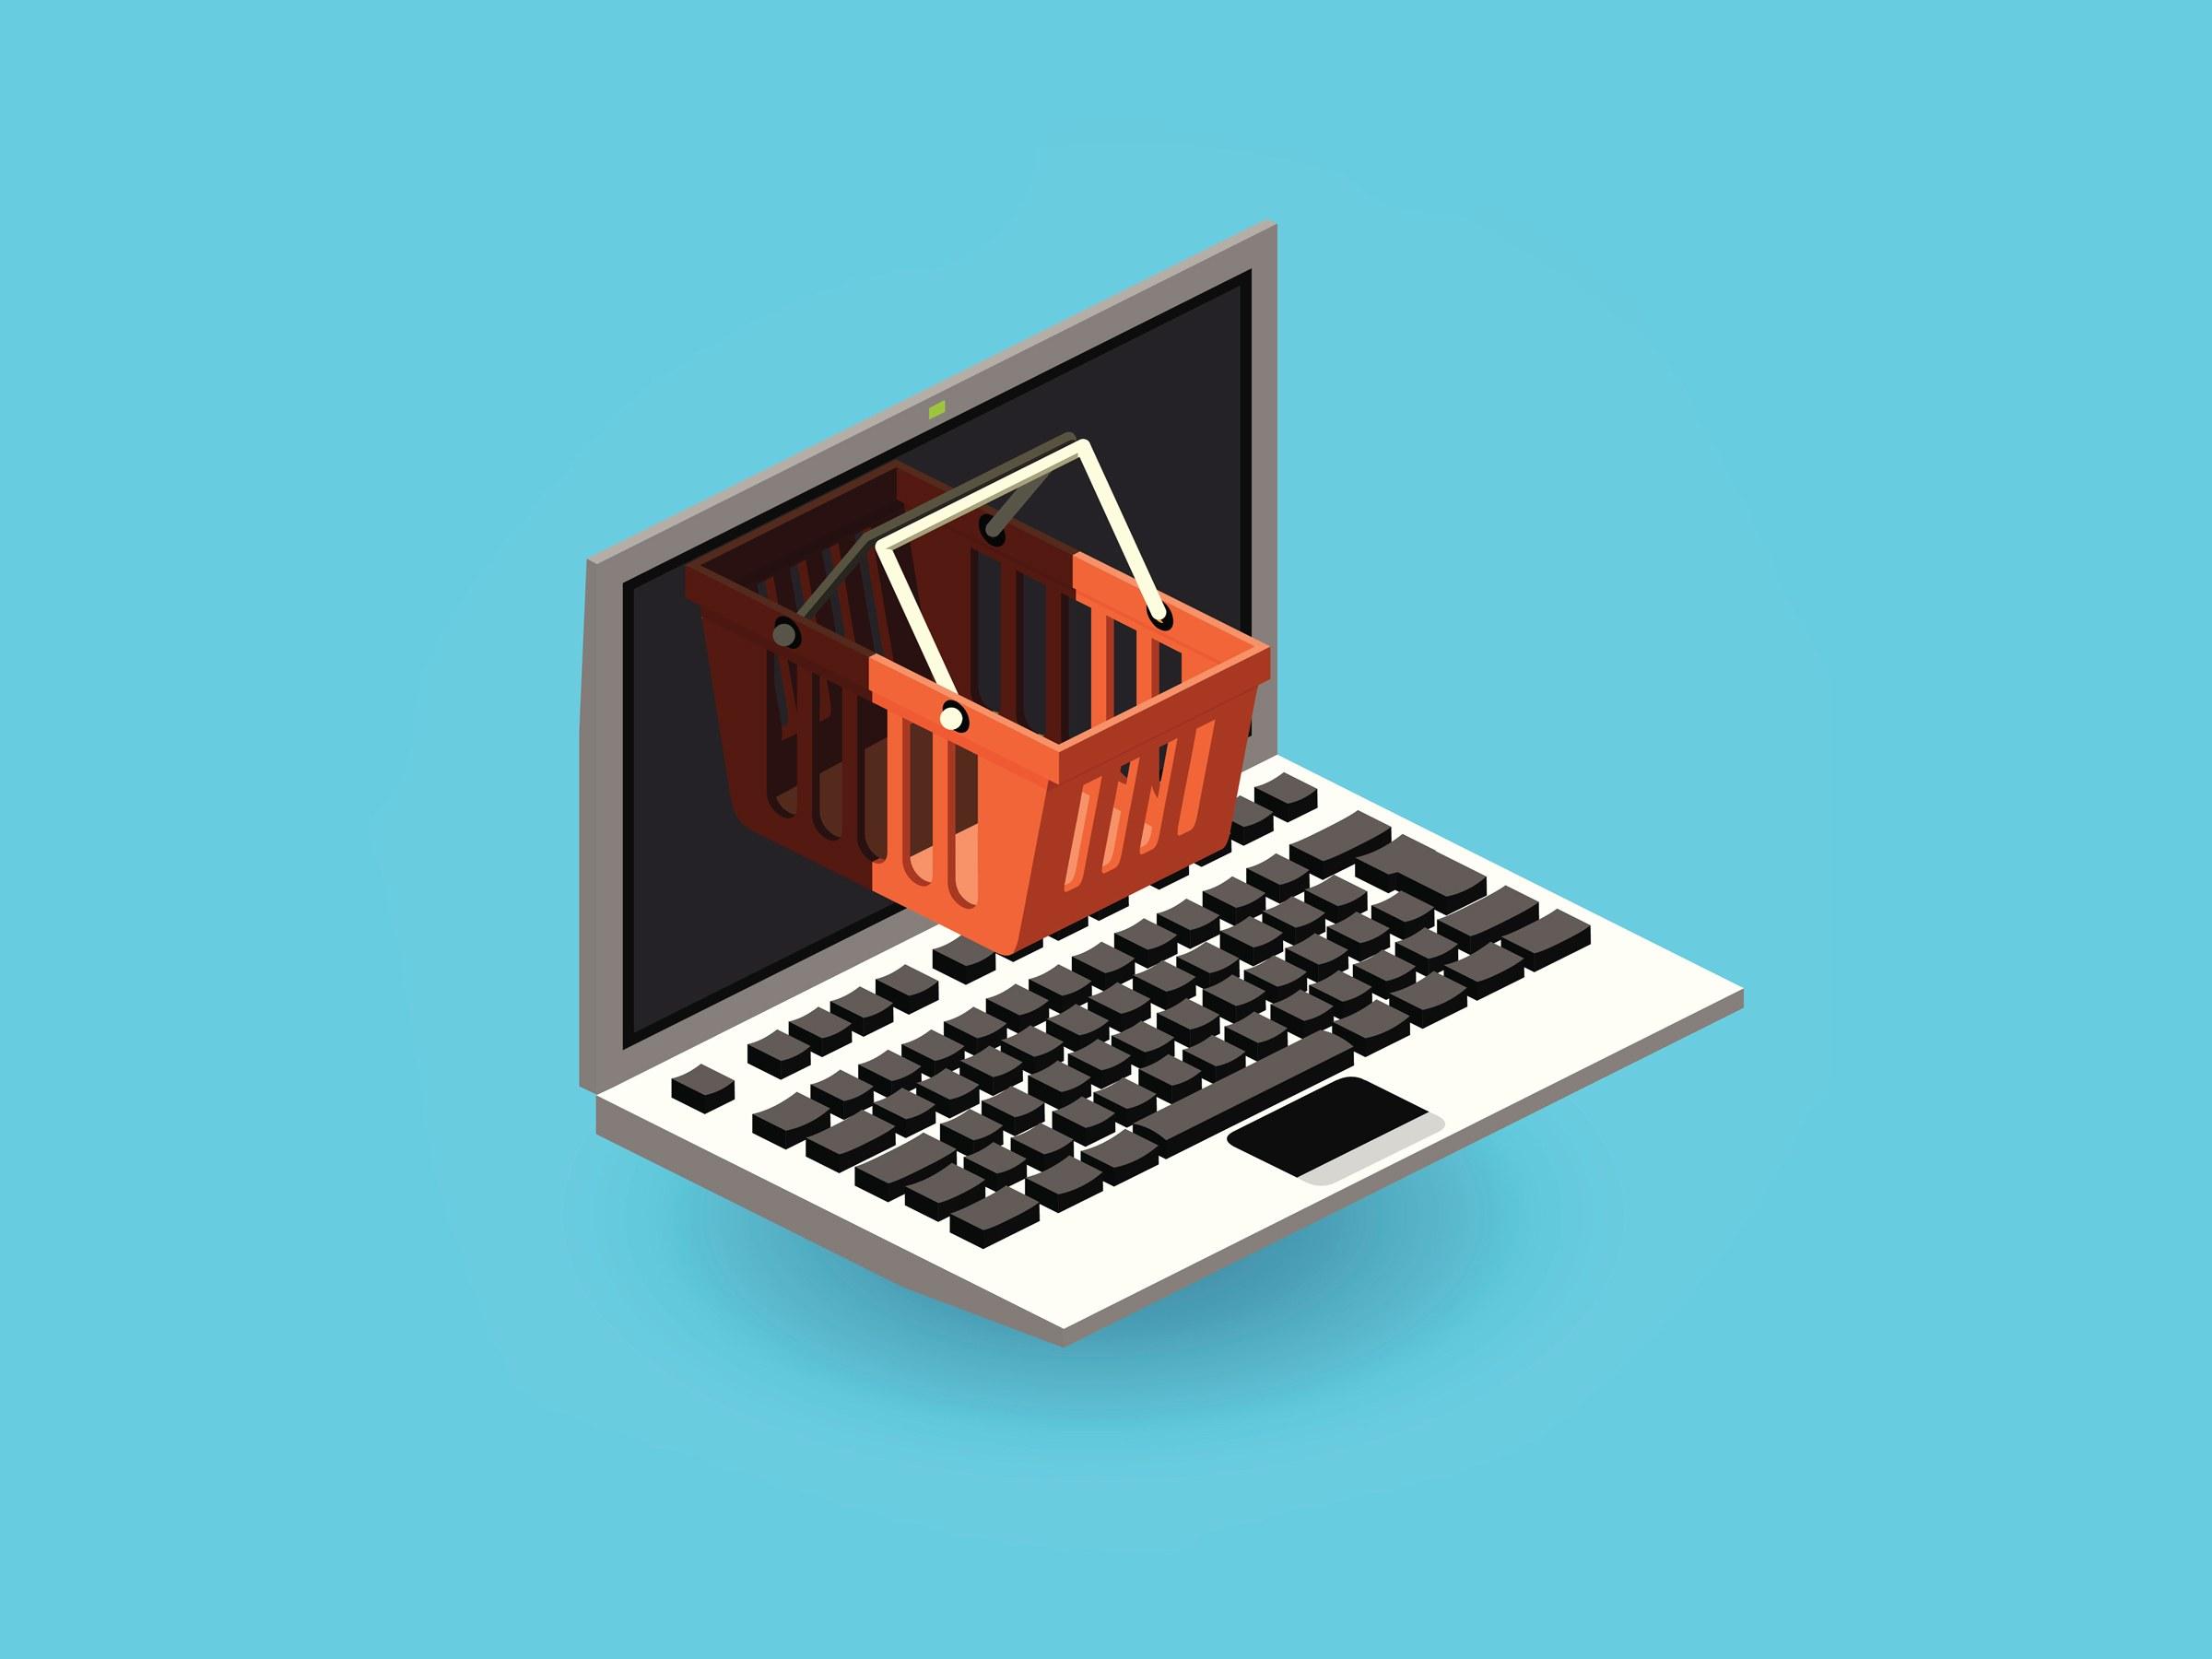 Erfahren Sie mehr über nützliche Online-Einkaufstipps